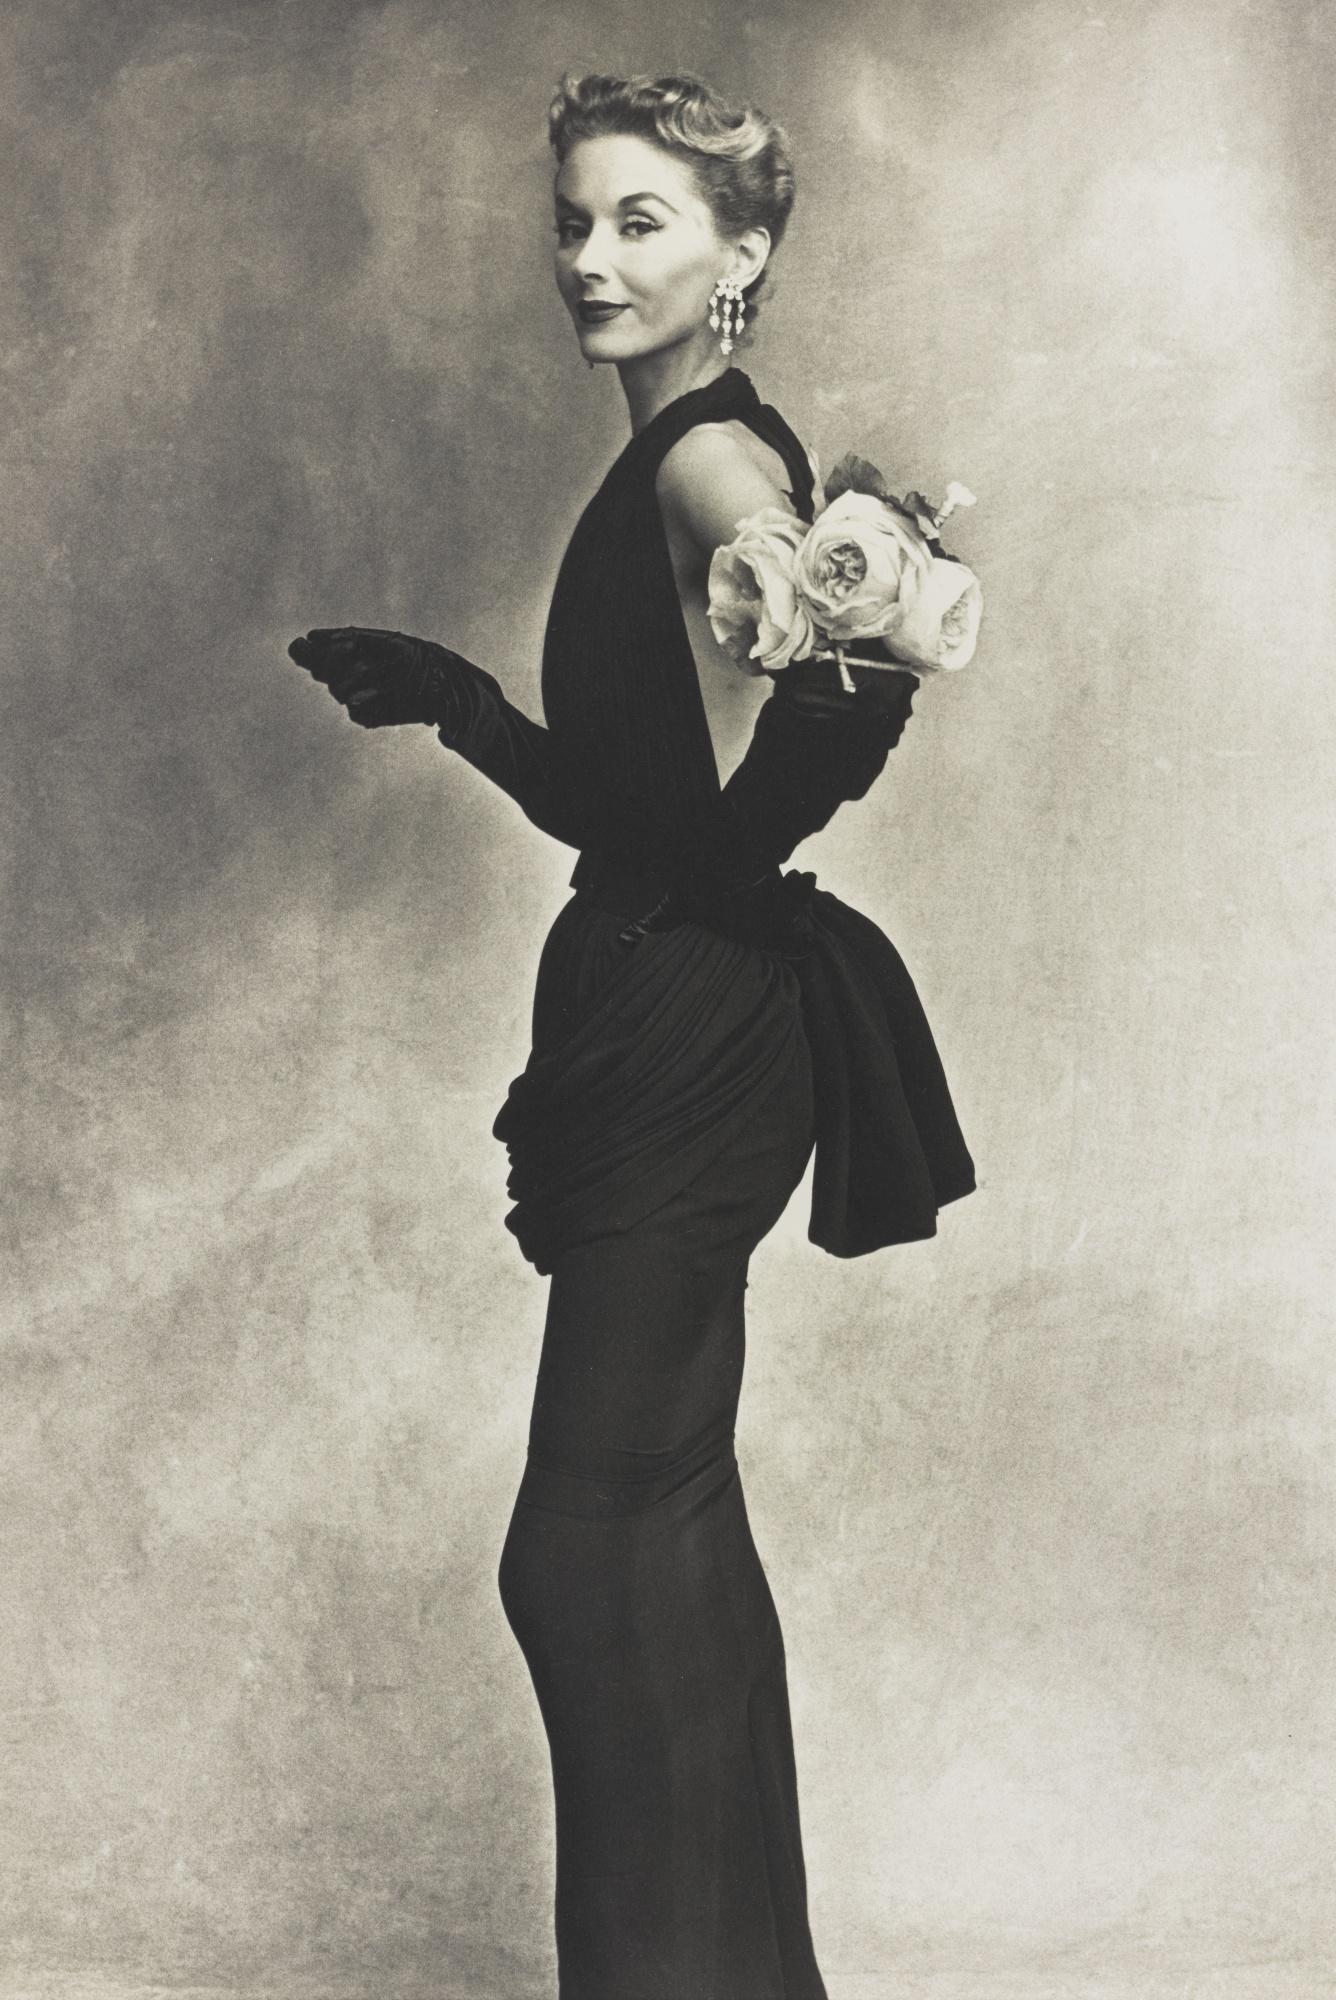 Irving Penn-Lisa Fonssagrives-Penn (Woman With Roses)-1950